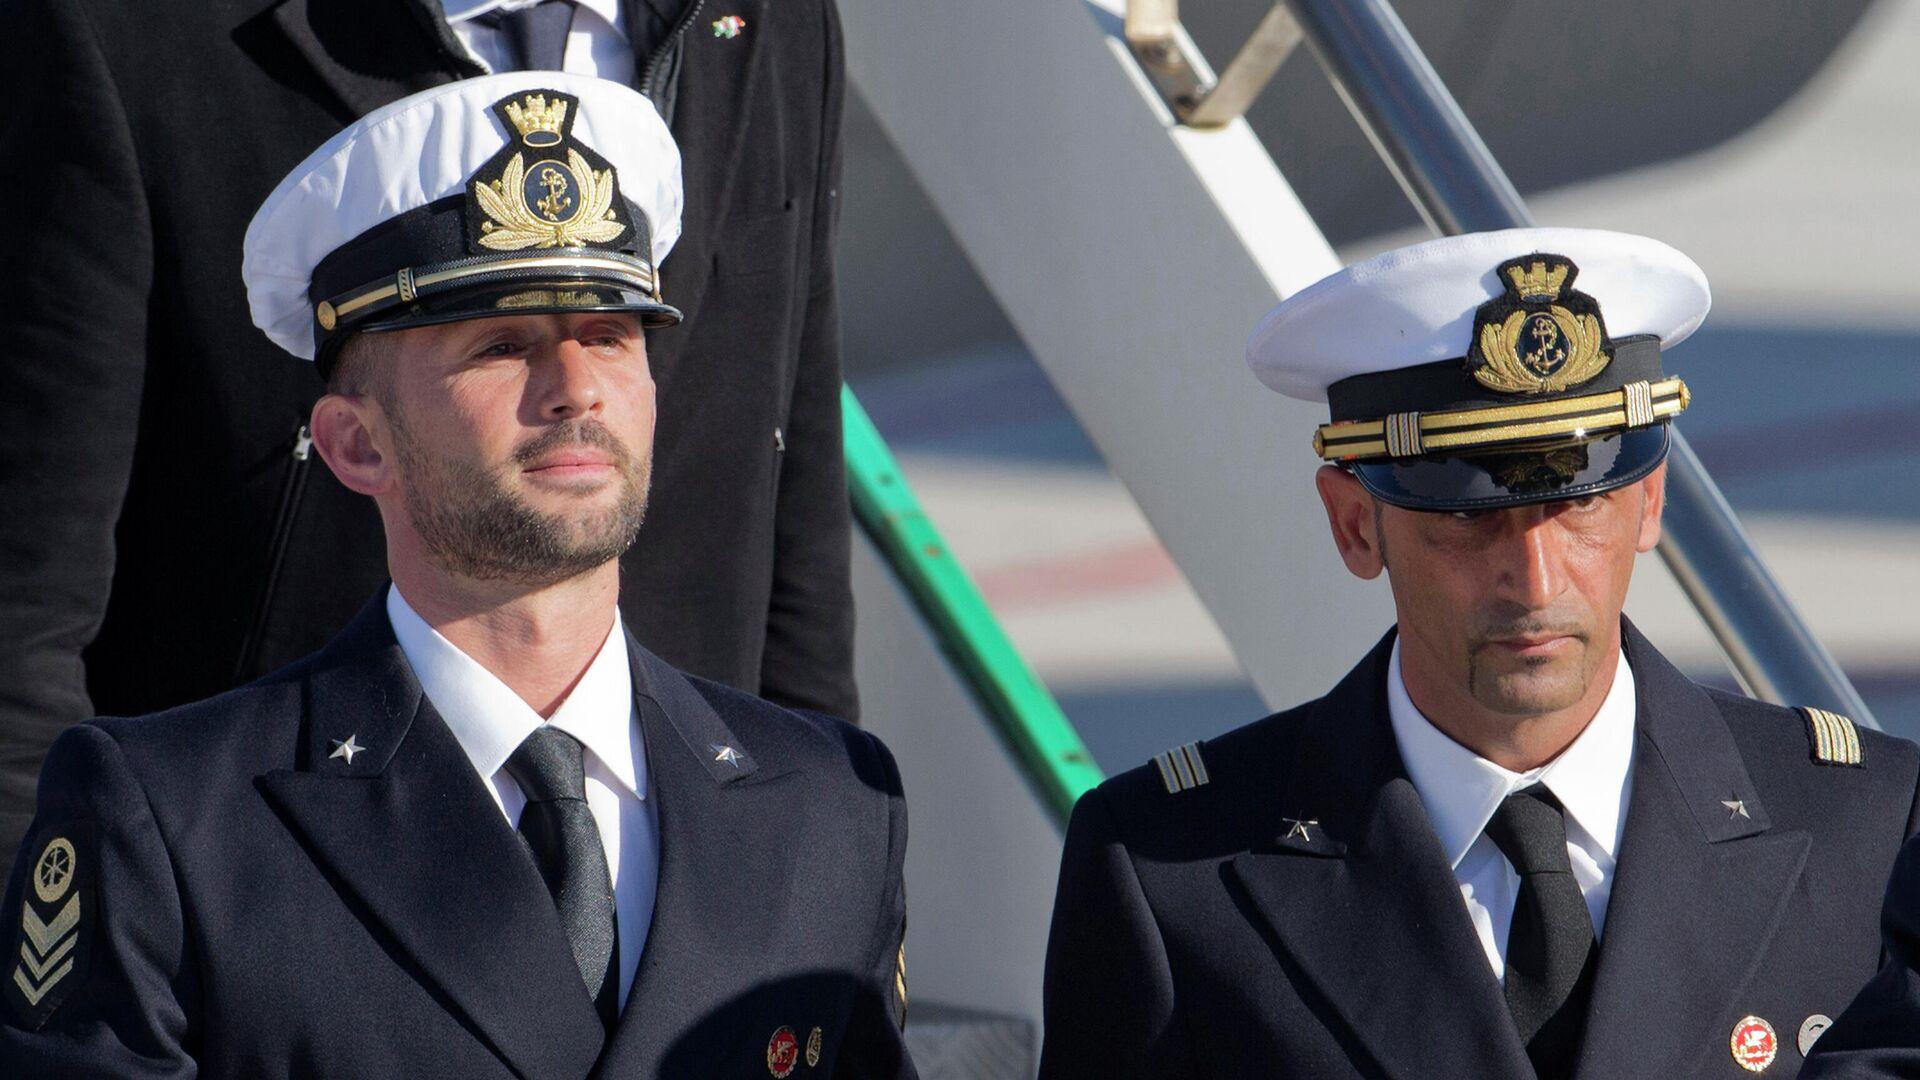 Miembros del regimiento San Marco de la Marina Militar Italiana, Massimiliano Latorre y Salvatore Girone en 2012 - Sputnik Mundo, 1920, 15.06.2021